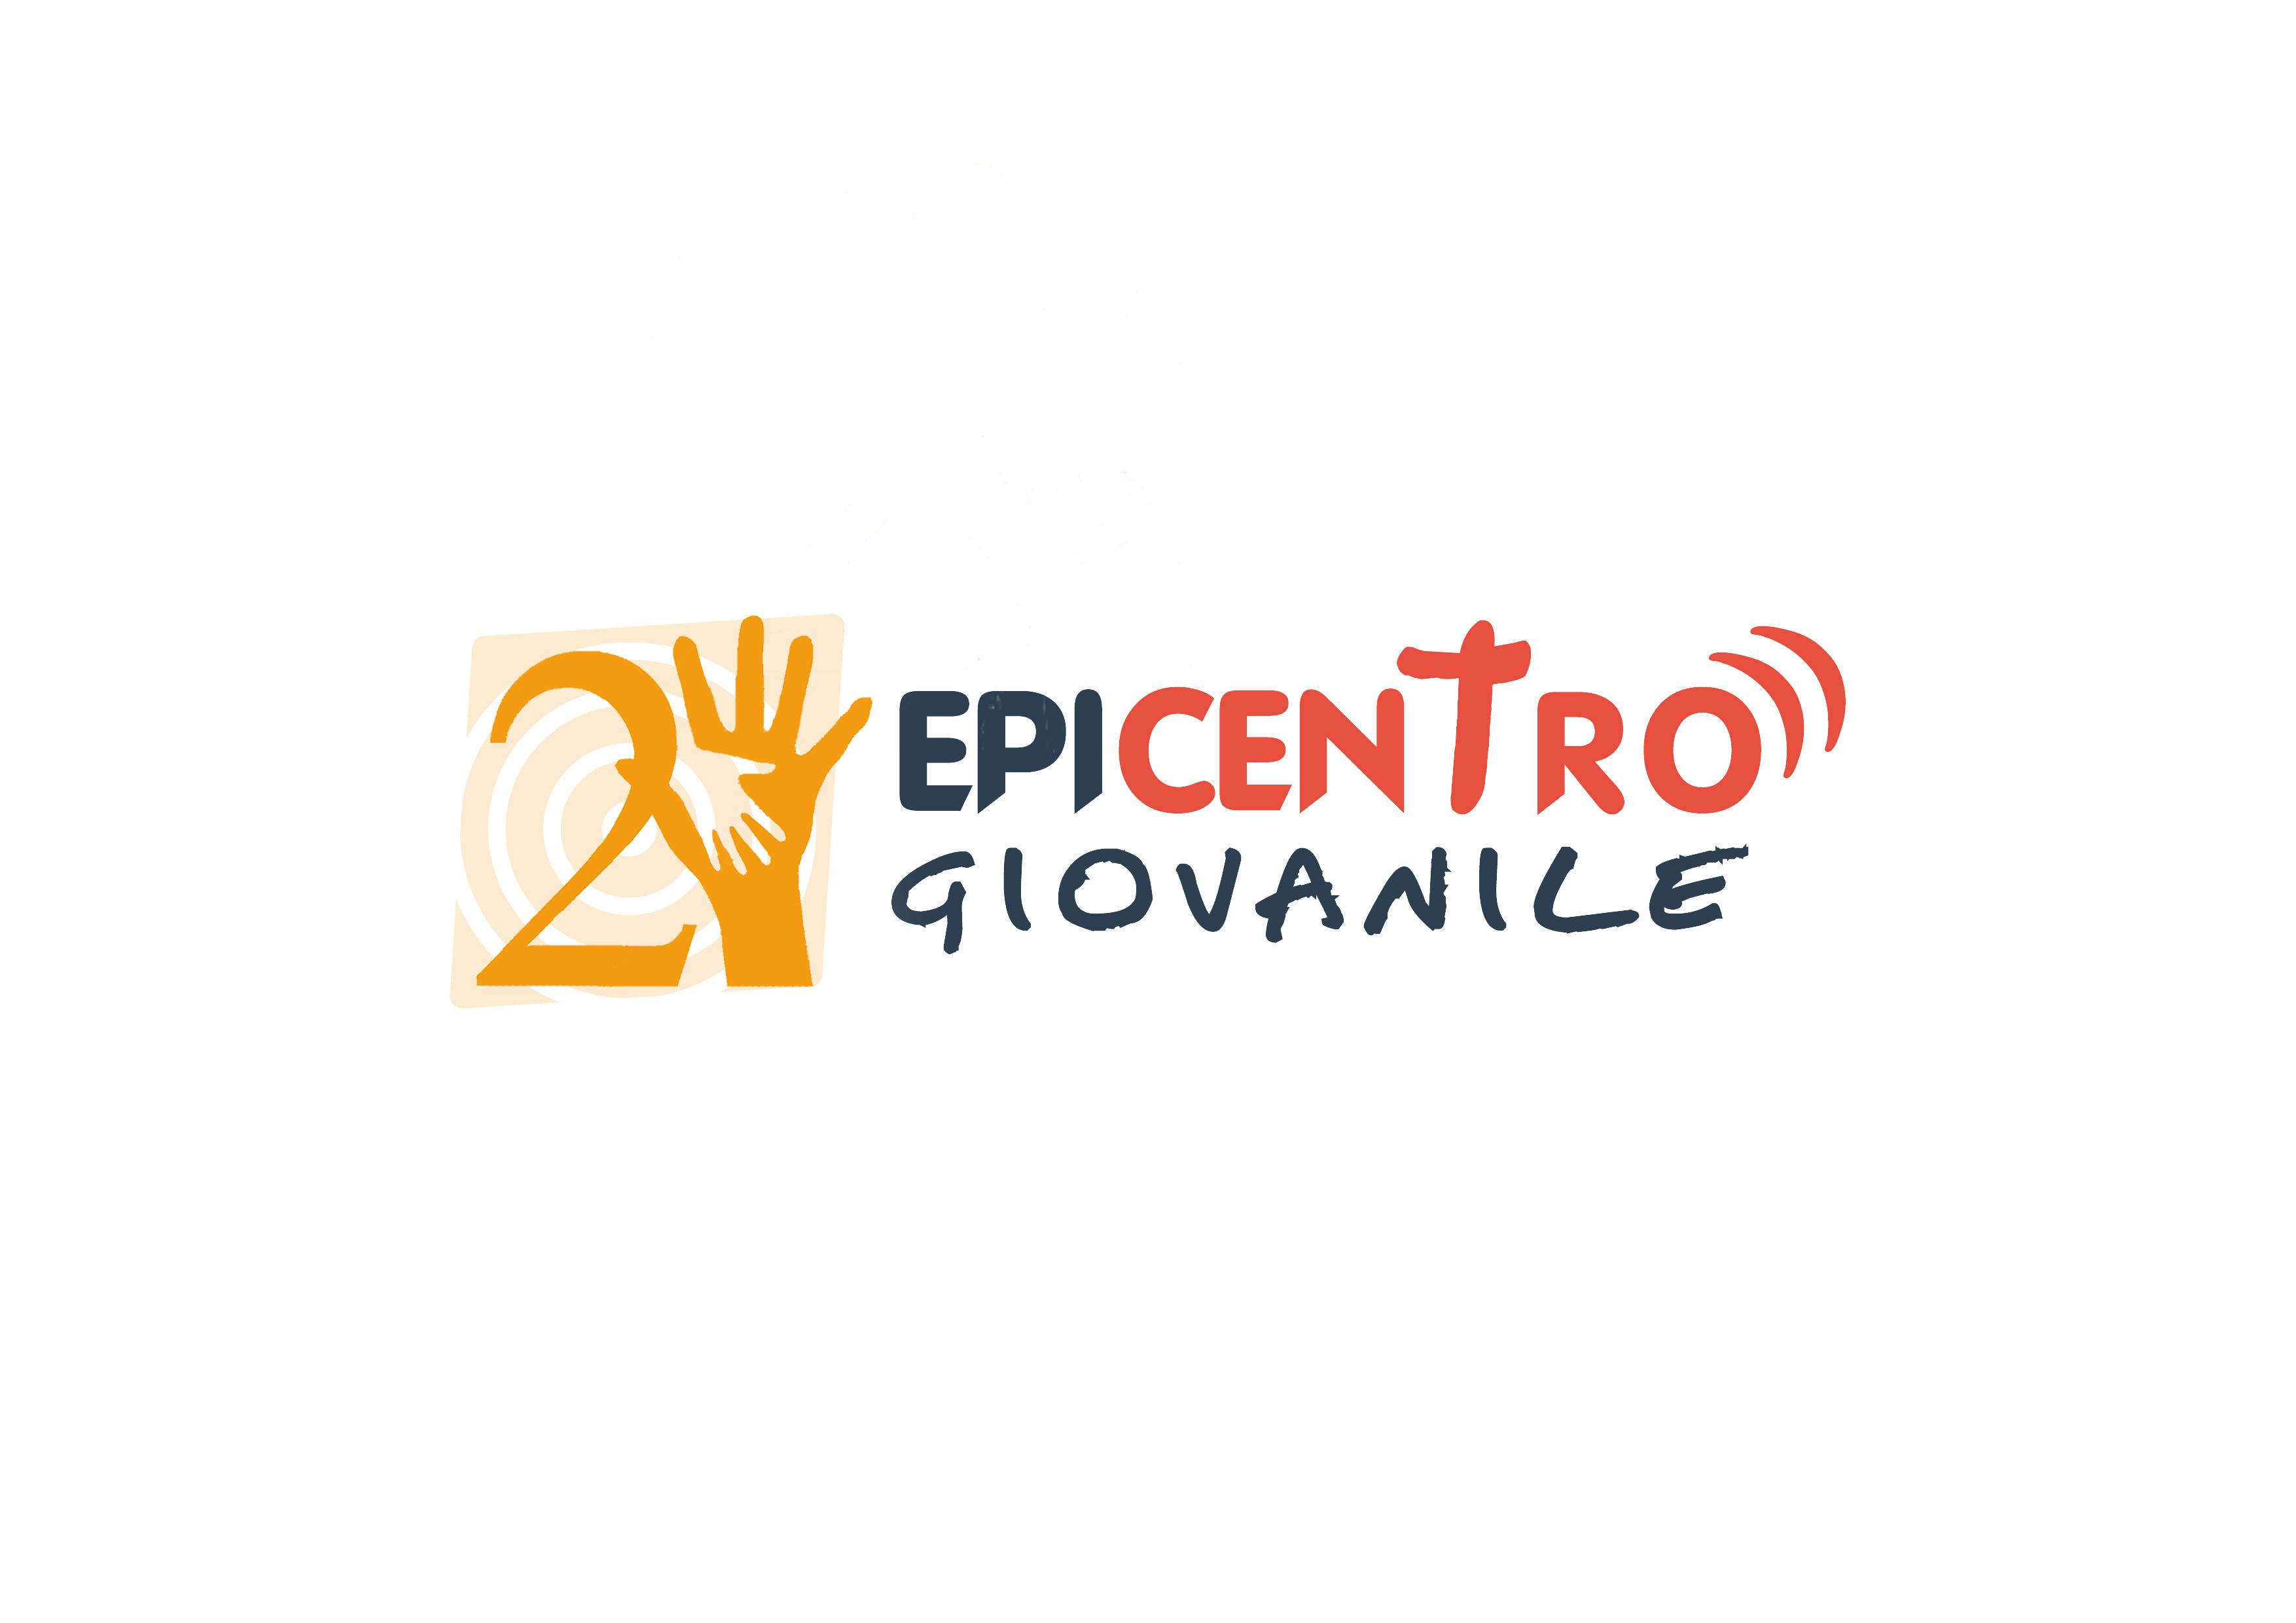 1993-2018 Venticinquesimo dell'Epicentro Giovanile